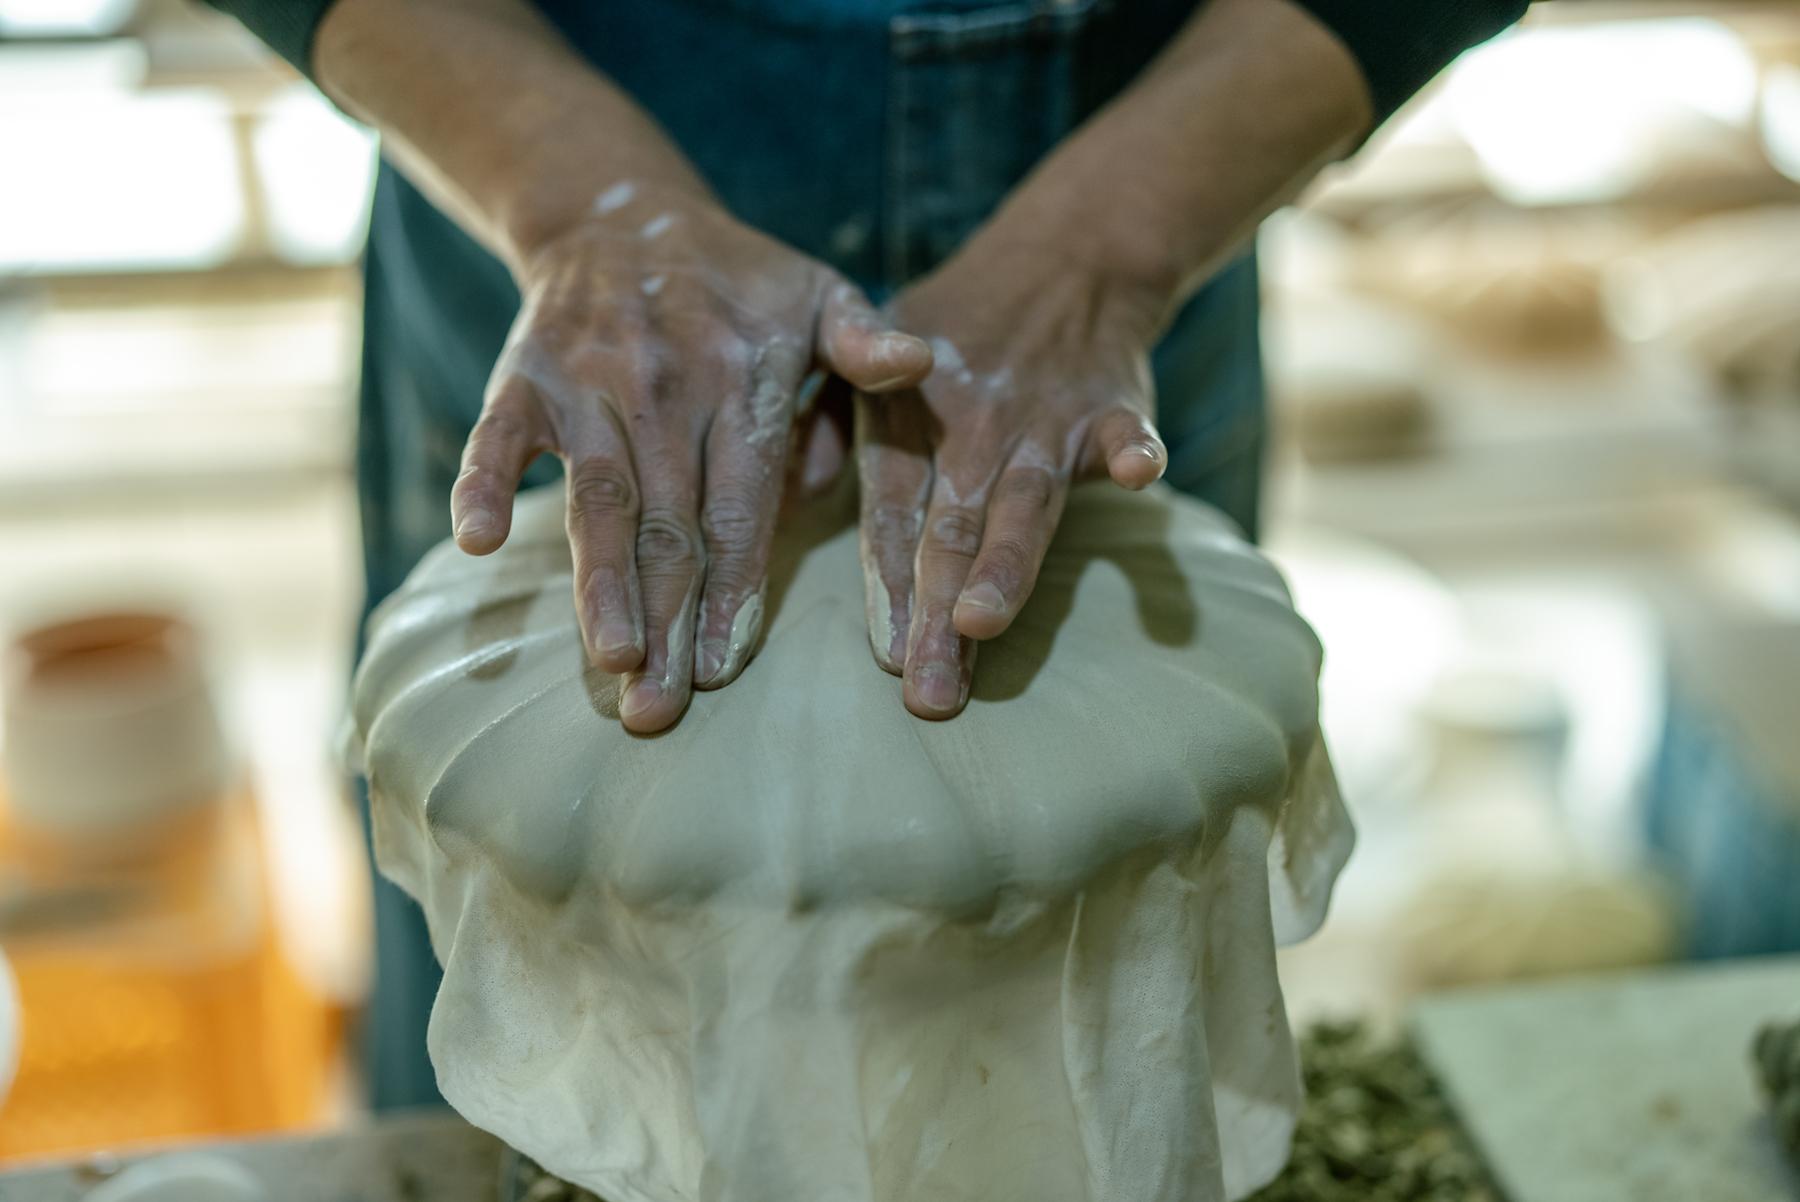 薄く伸ばした素地を石膏の型に被せて手で押し付け、輪花や花弁などに型取ったり、型に彫り込んだ模様をうつわに写し取る成形技法「型打ち」の様子。指で一つ一つ模様に沿わせながら形をつくっていく。